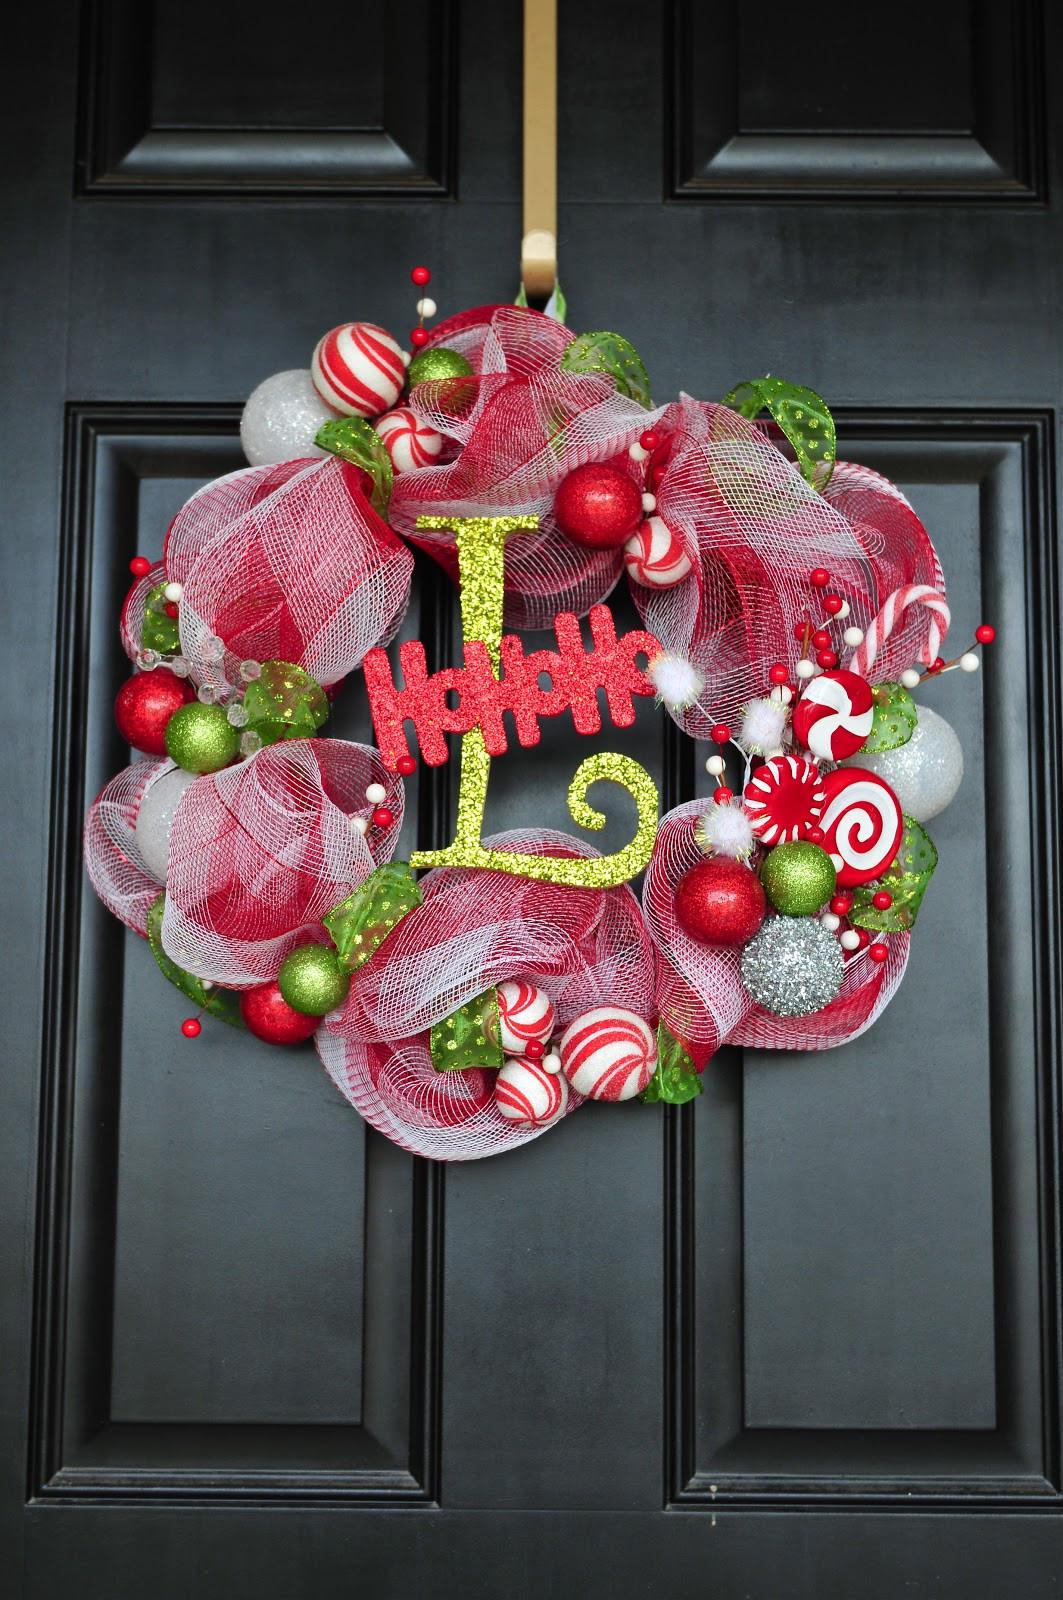 Best ideas about Mesh Wreaths DIY . Save or Pin DIY Til We Die Easy Christmas mesh wreaths Now.